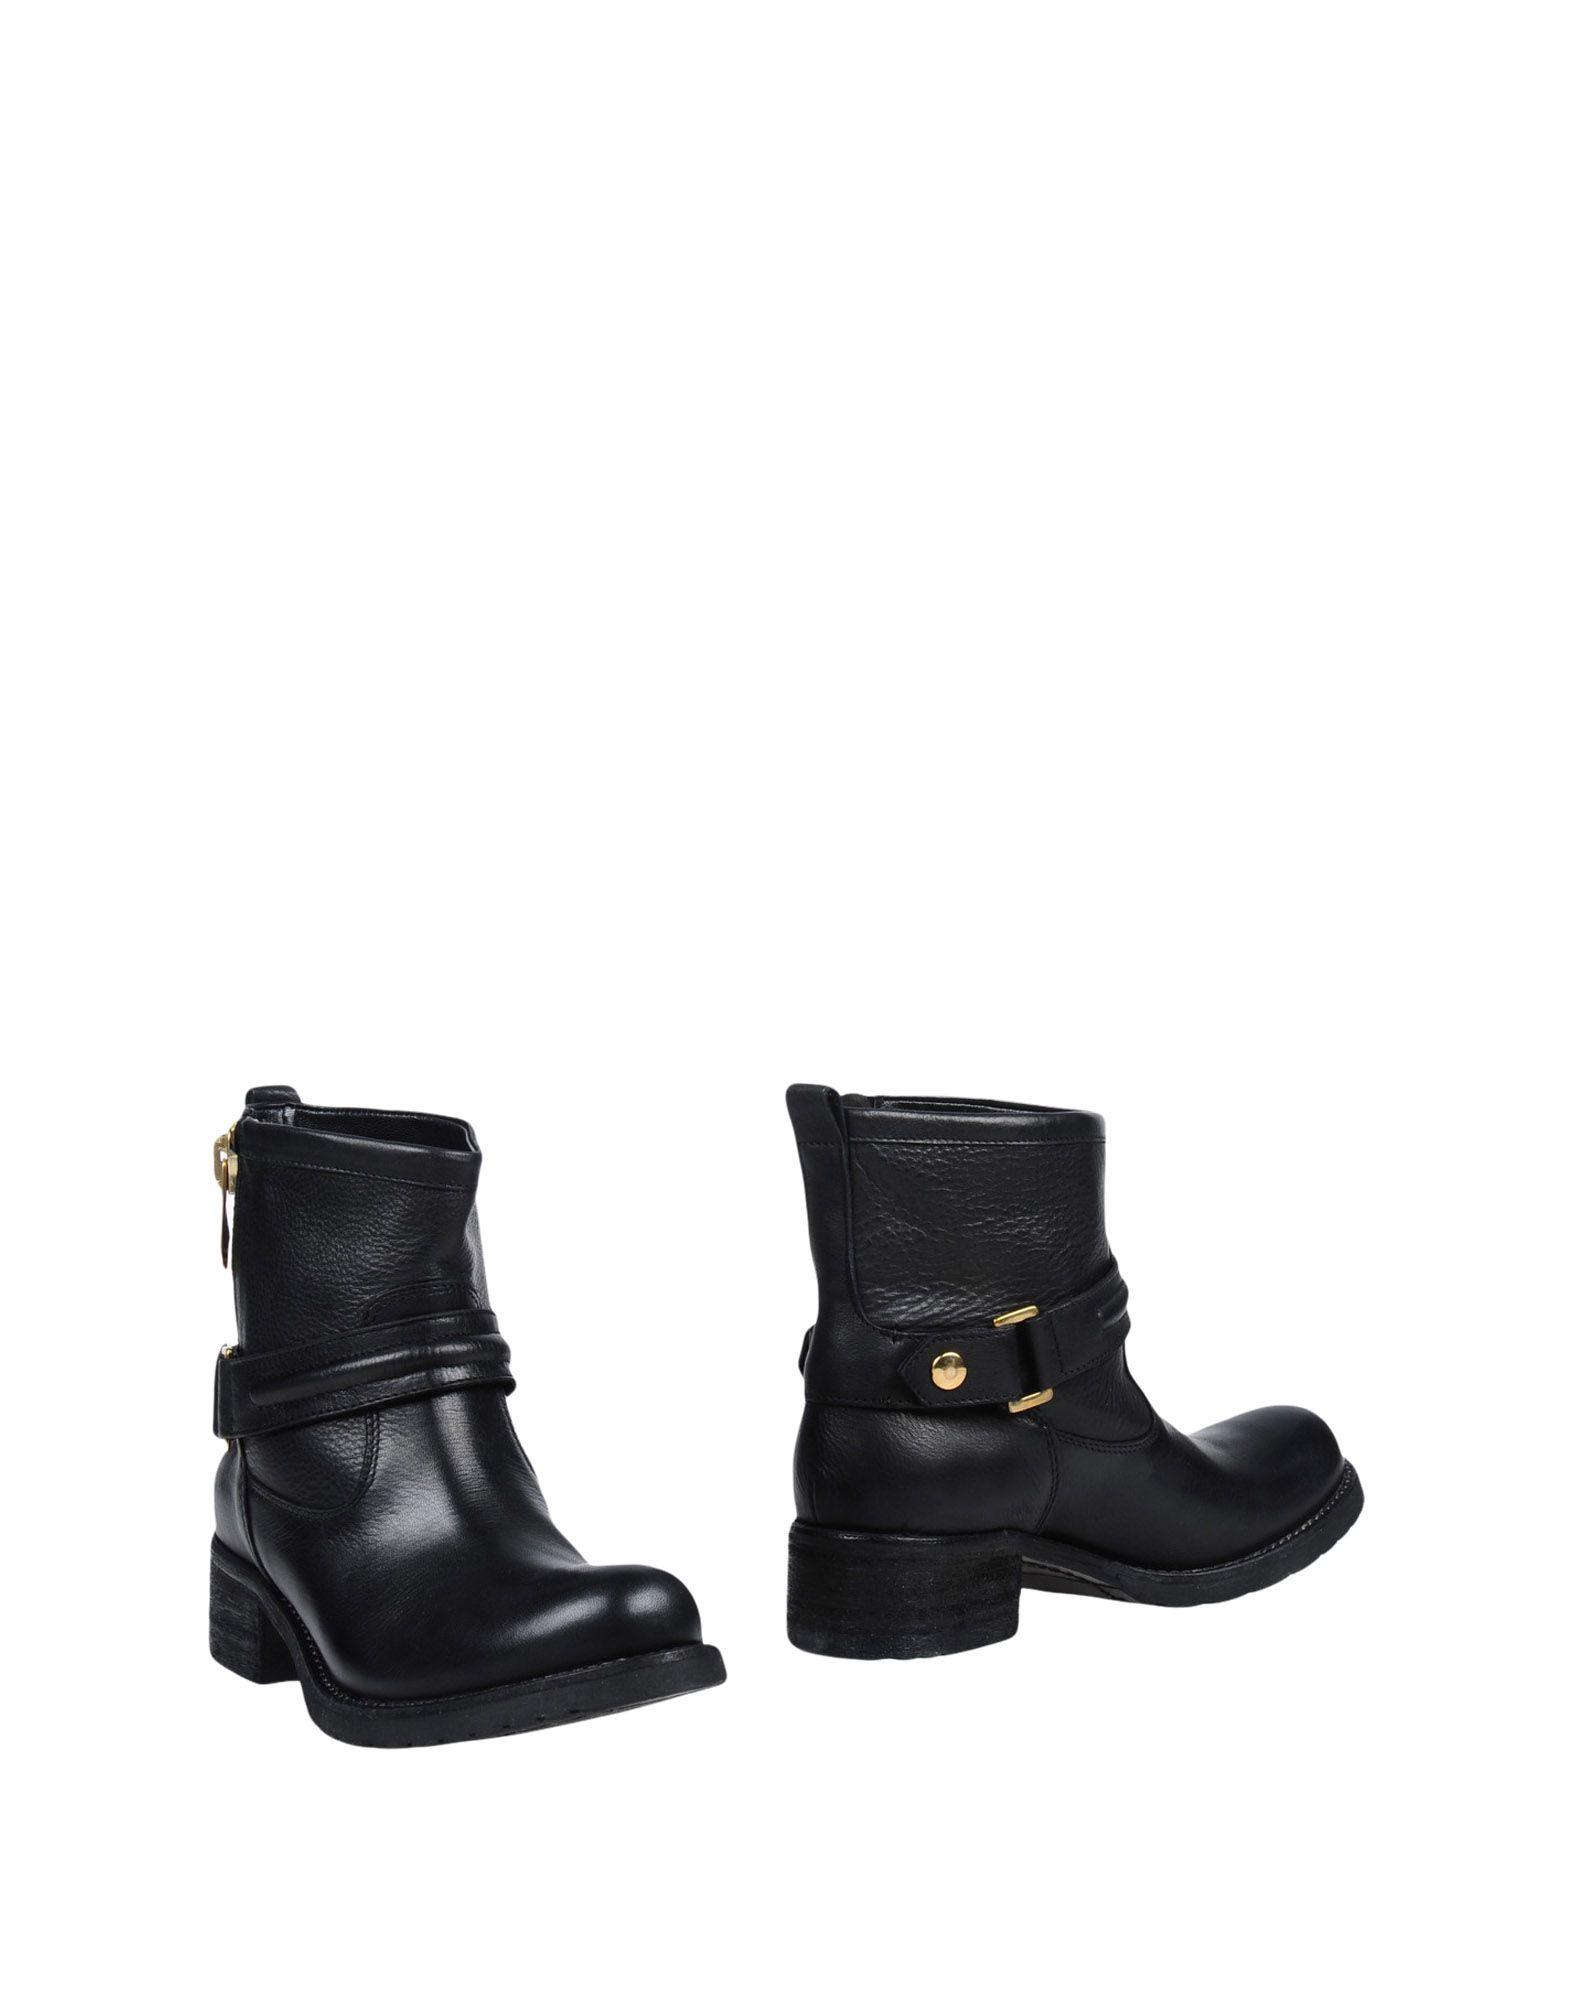 Garrice Stiefelette Damen  11420307SA Gute Gute Gute Qualität beliebte Schuhe c73efb